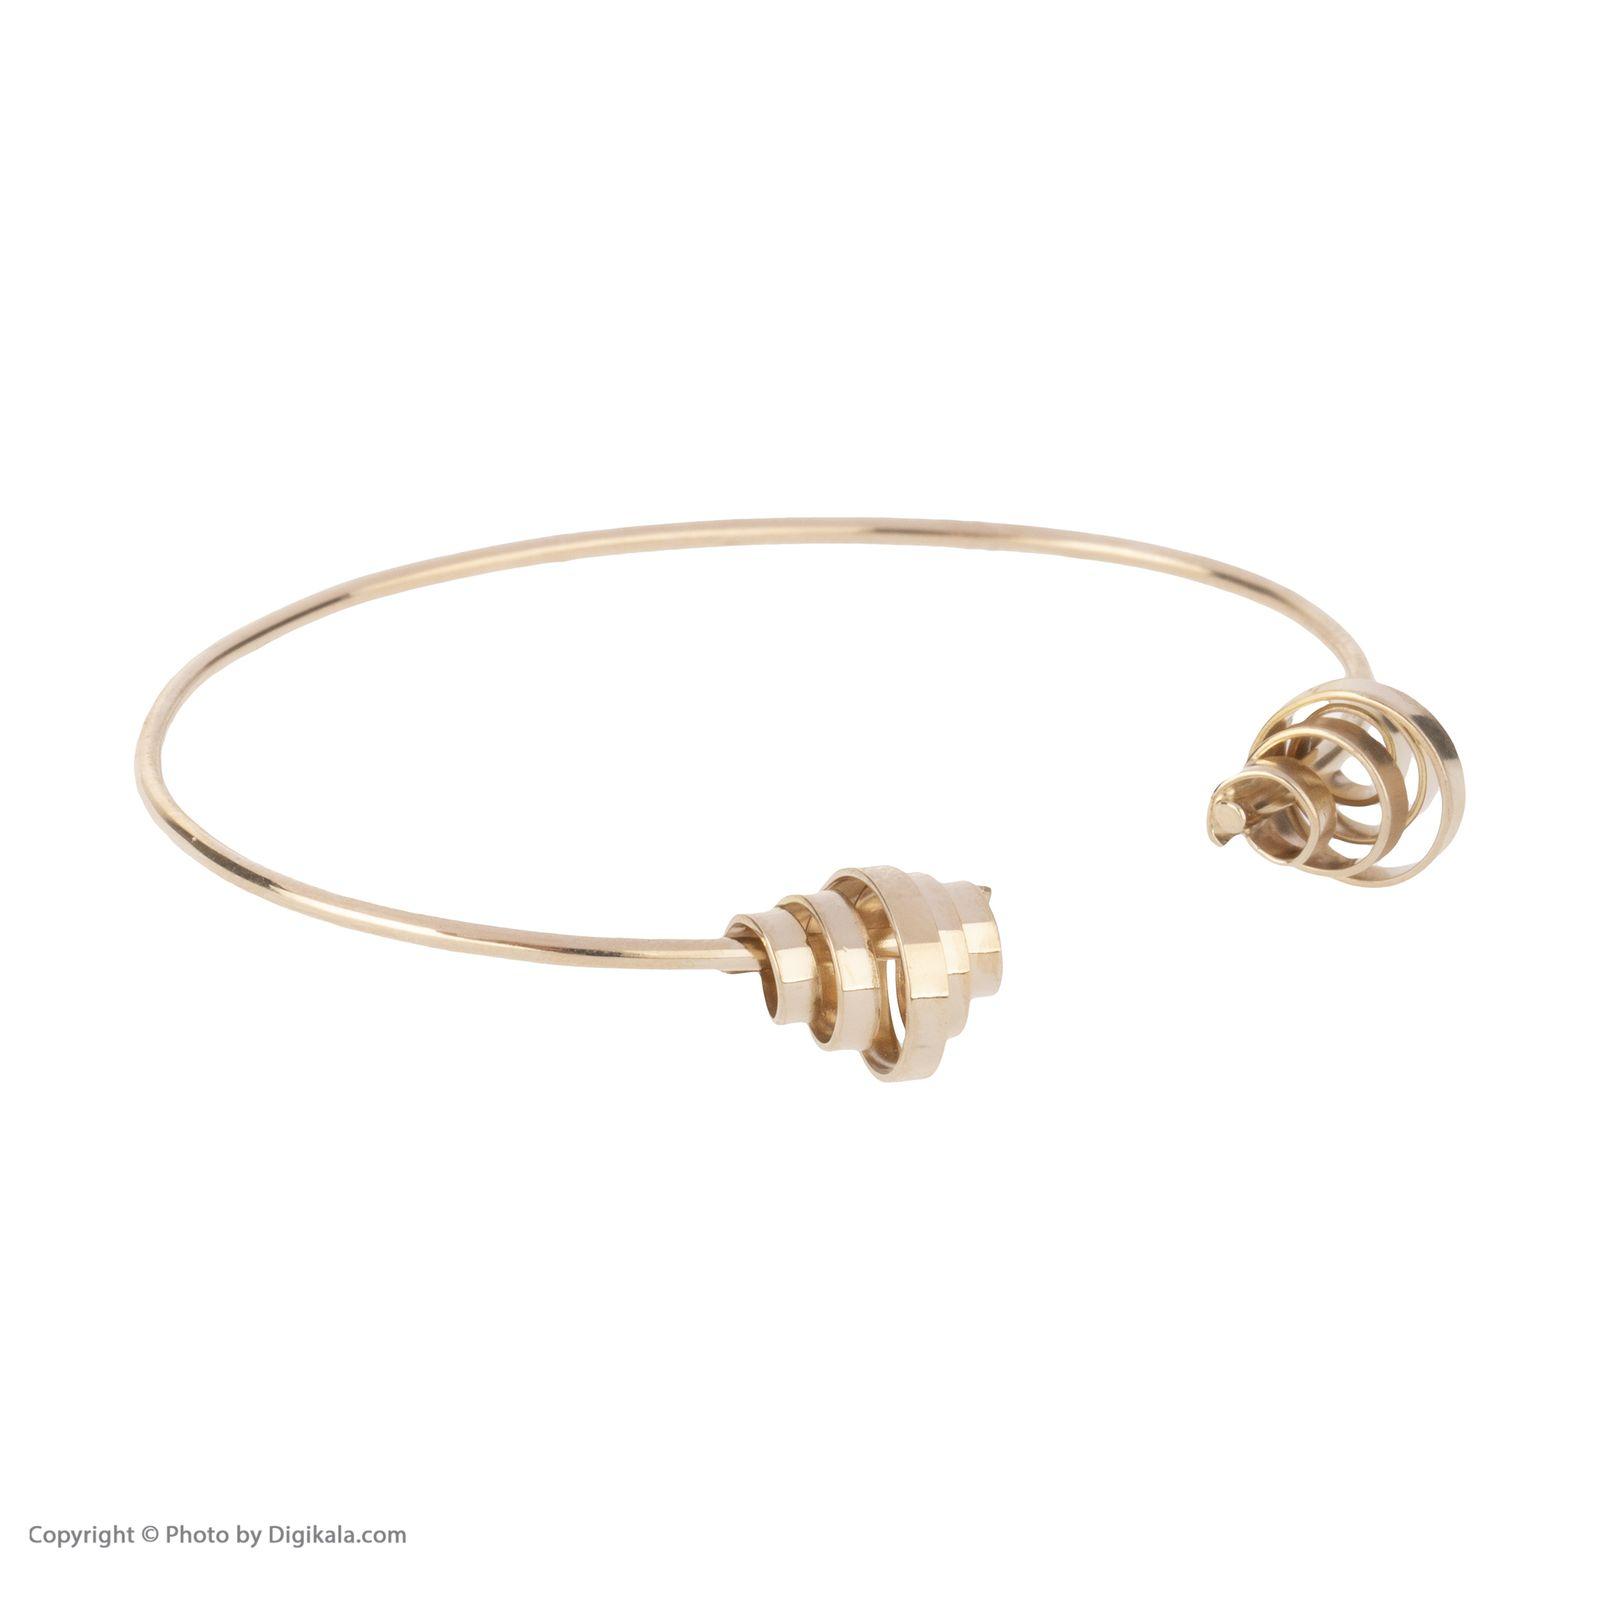 دستبند النگویی طلا 18 عیار زنانه سنجاق مدل X071474 -  - 3